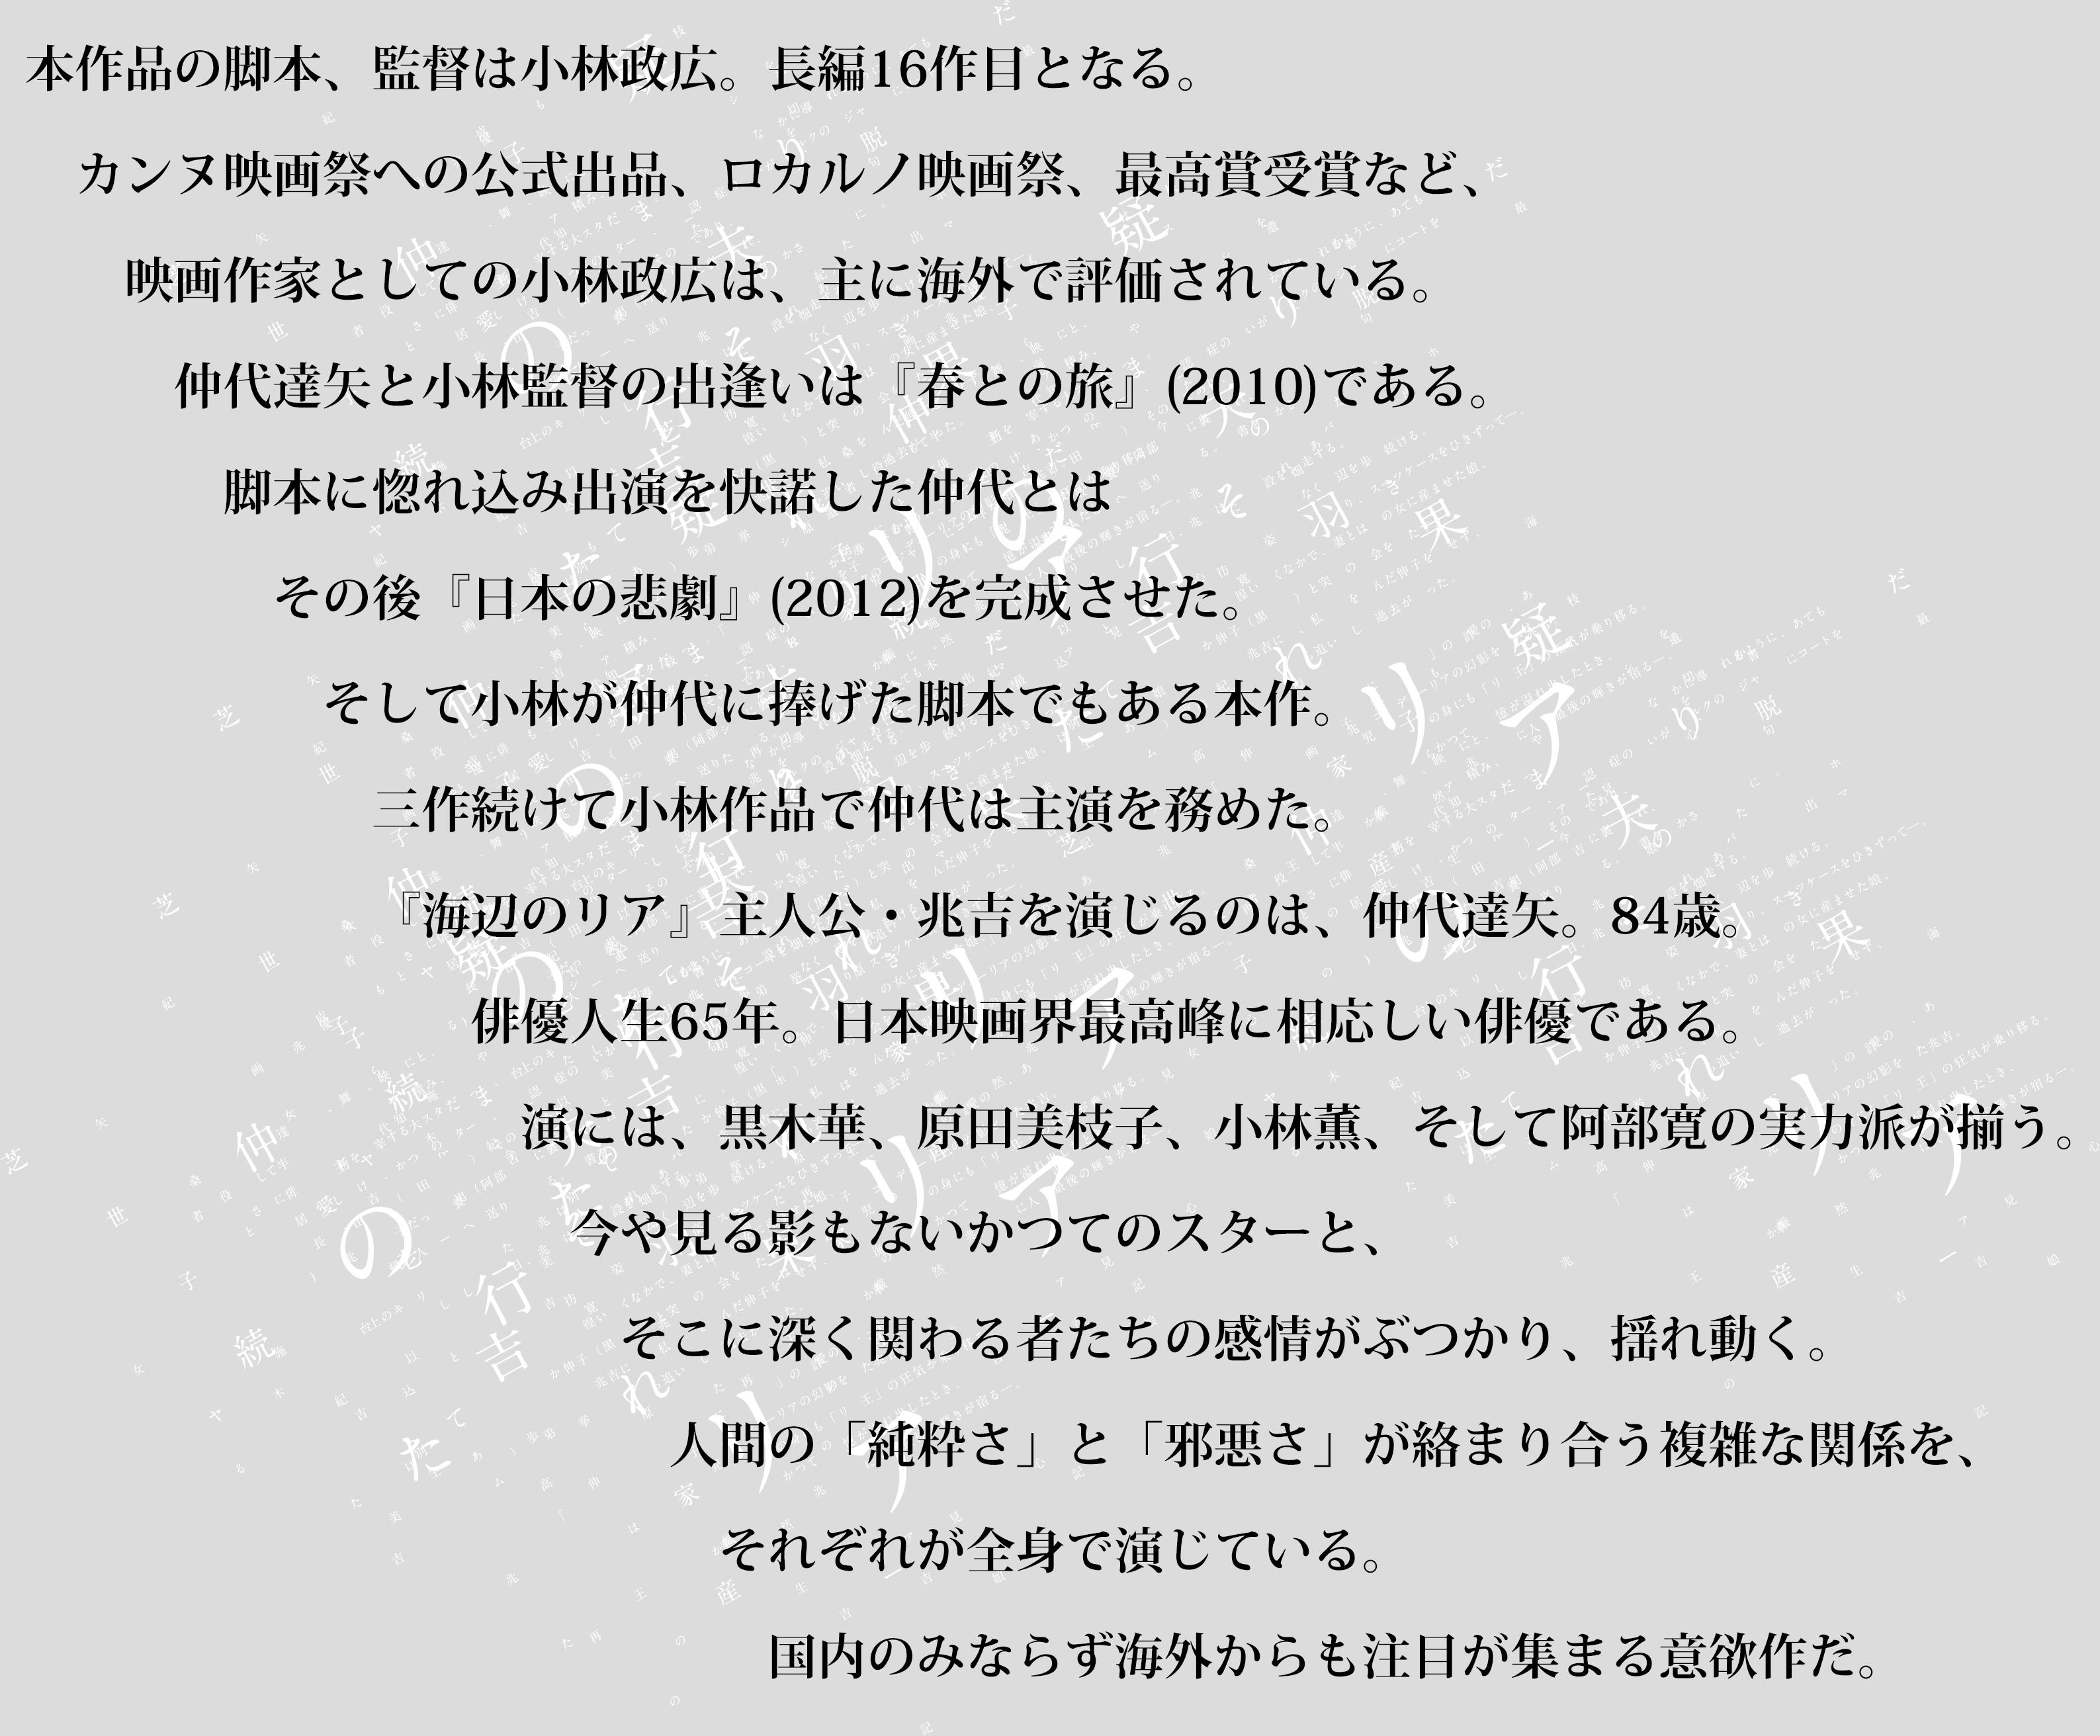 http://www.suncityhall.jp/H29.10%E2%91%A1.jpg